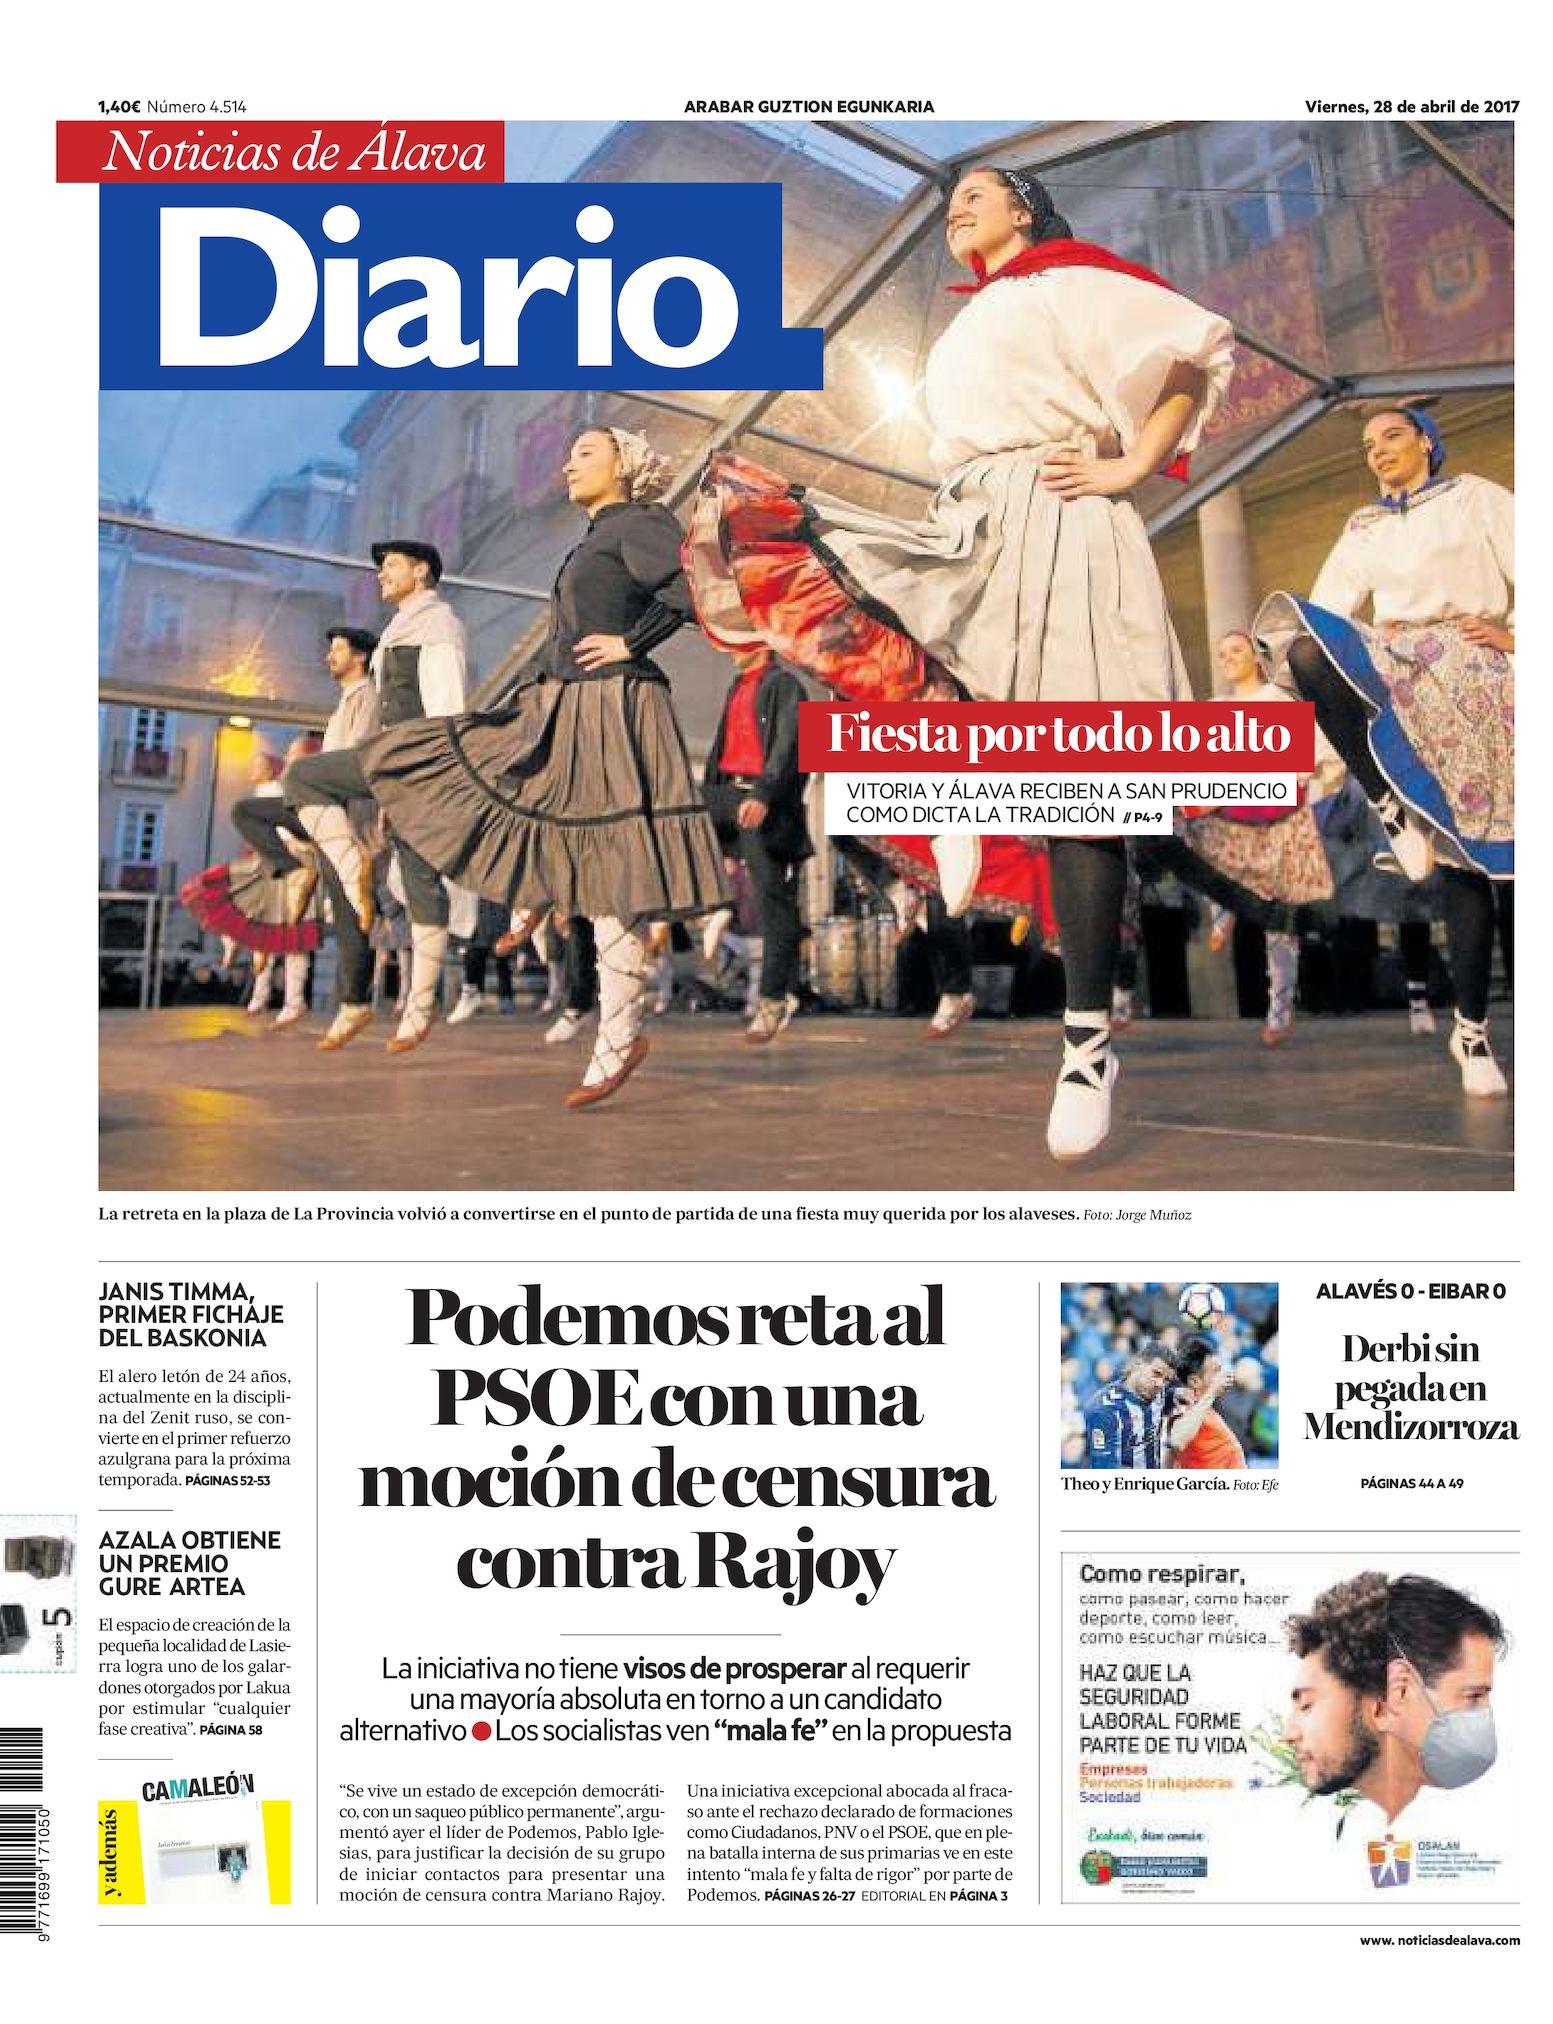 755bf6c4bb Calaméo - Diario de Noticias de Álava 20170428